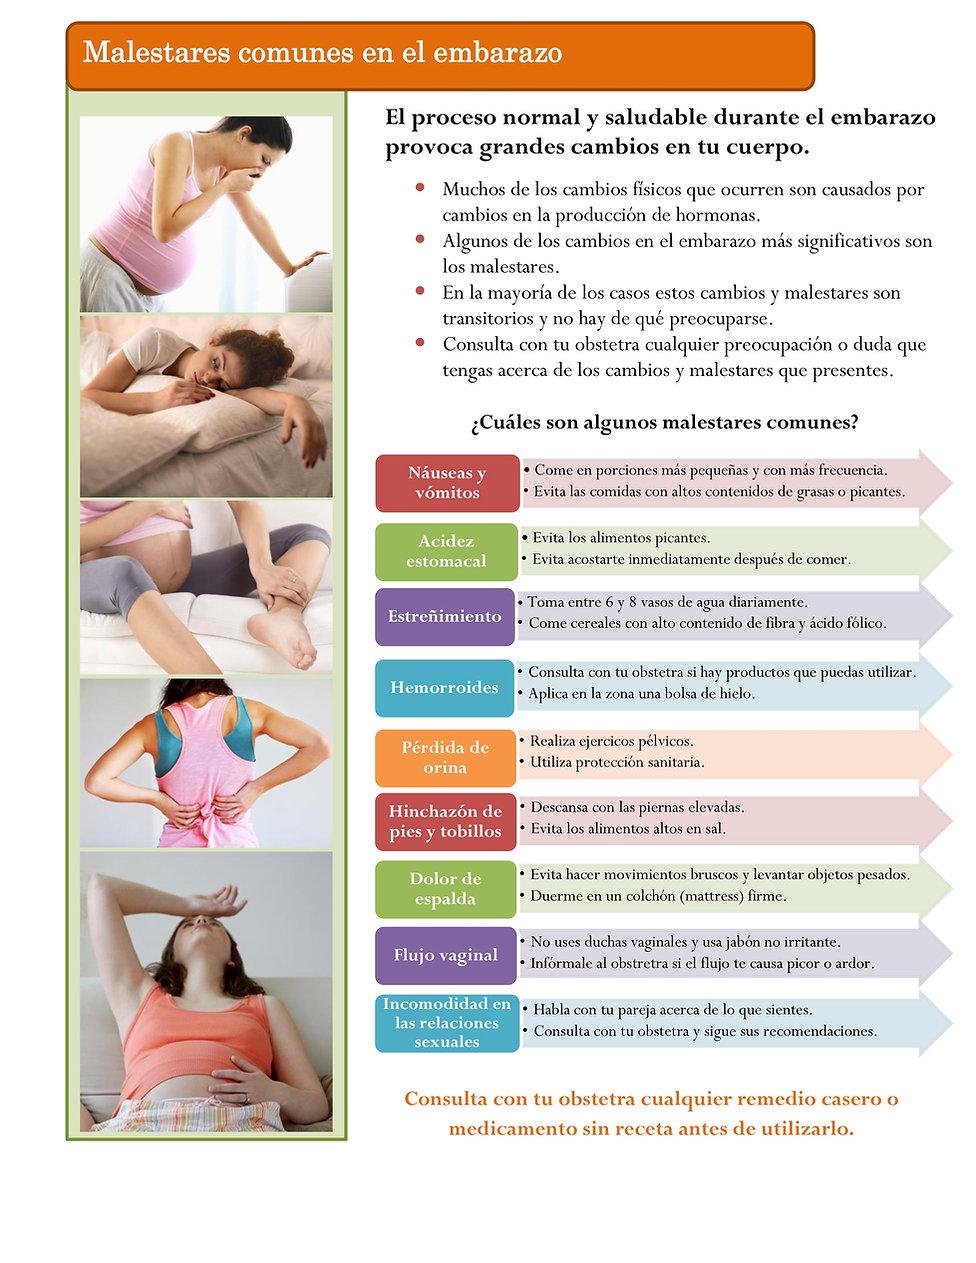 13. Malestares comunes en el embarazo 20